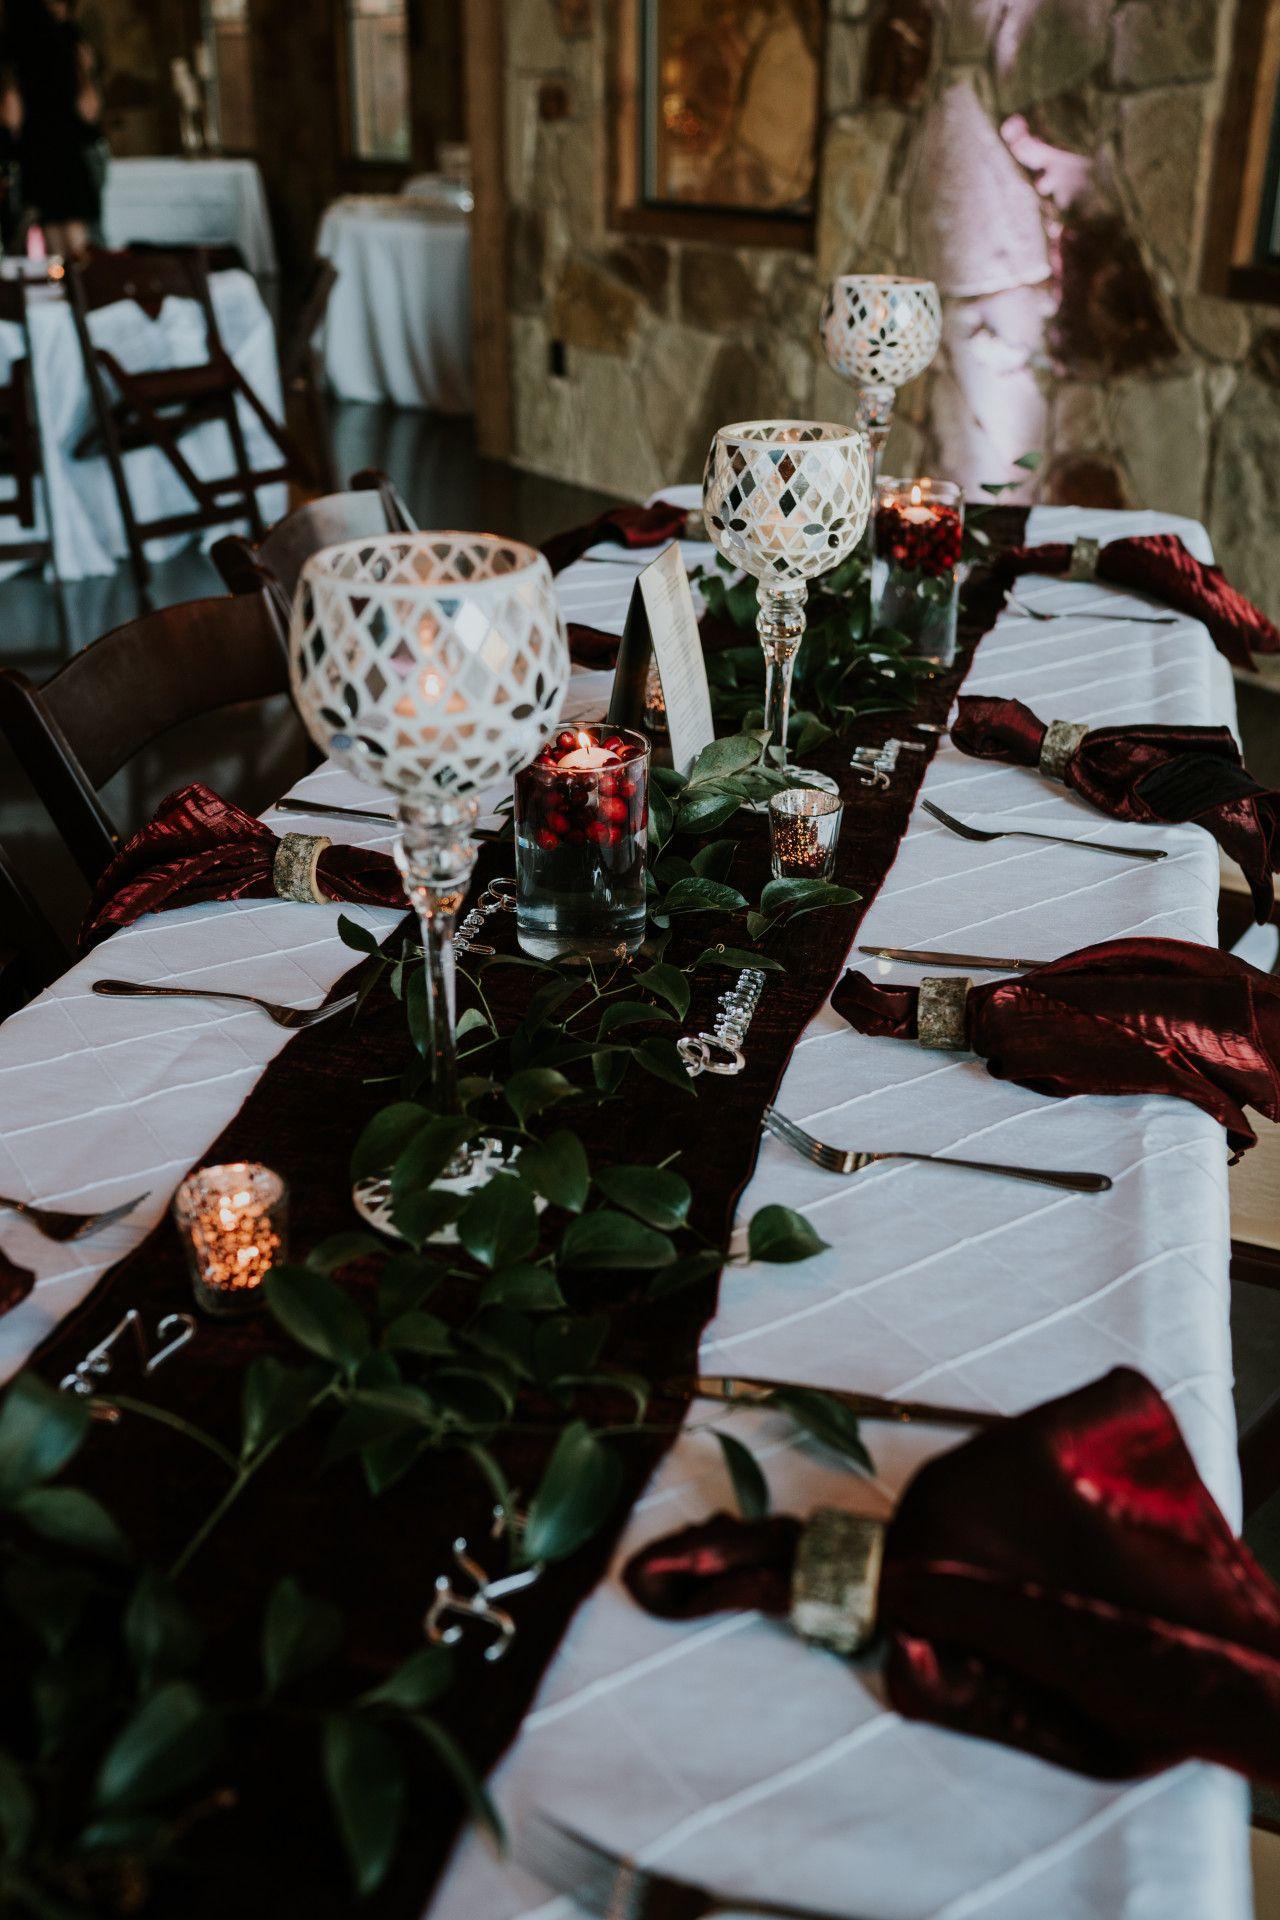 Lodge Wedding Venue In Denton Texas Winter Wedding Table Decorations Winter Wedding Table Bohemian Wedding Decorations